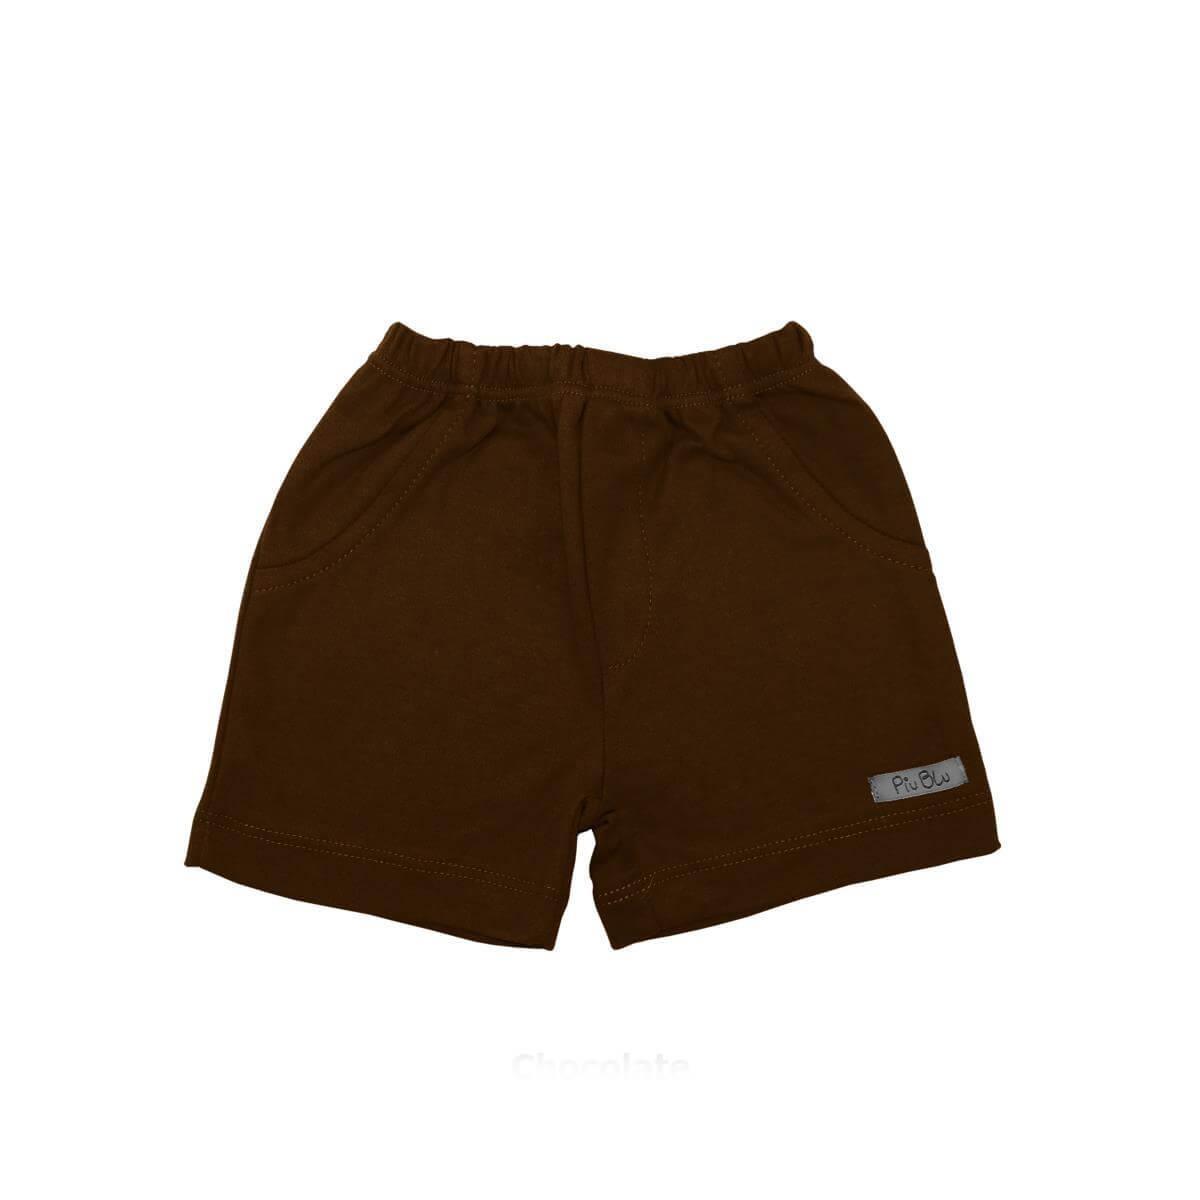 Shorts Masculino 1 ao 4 Chocolate  - Piu Blu